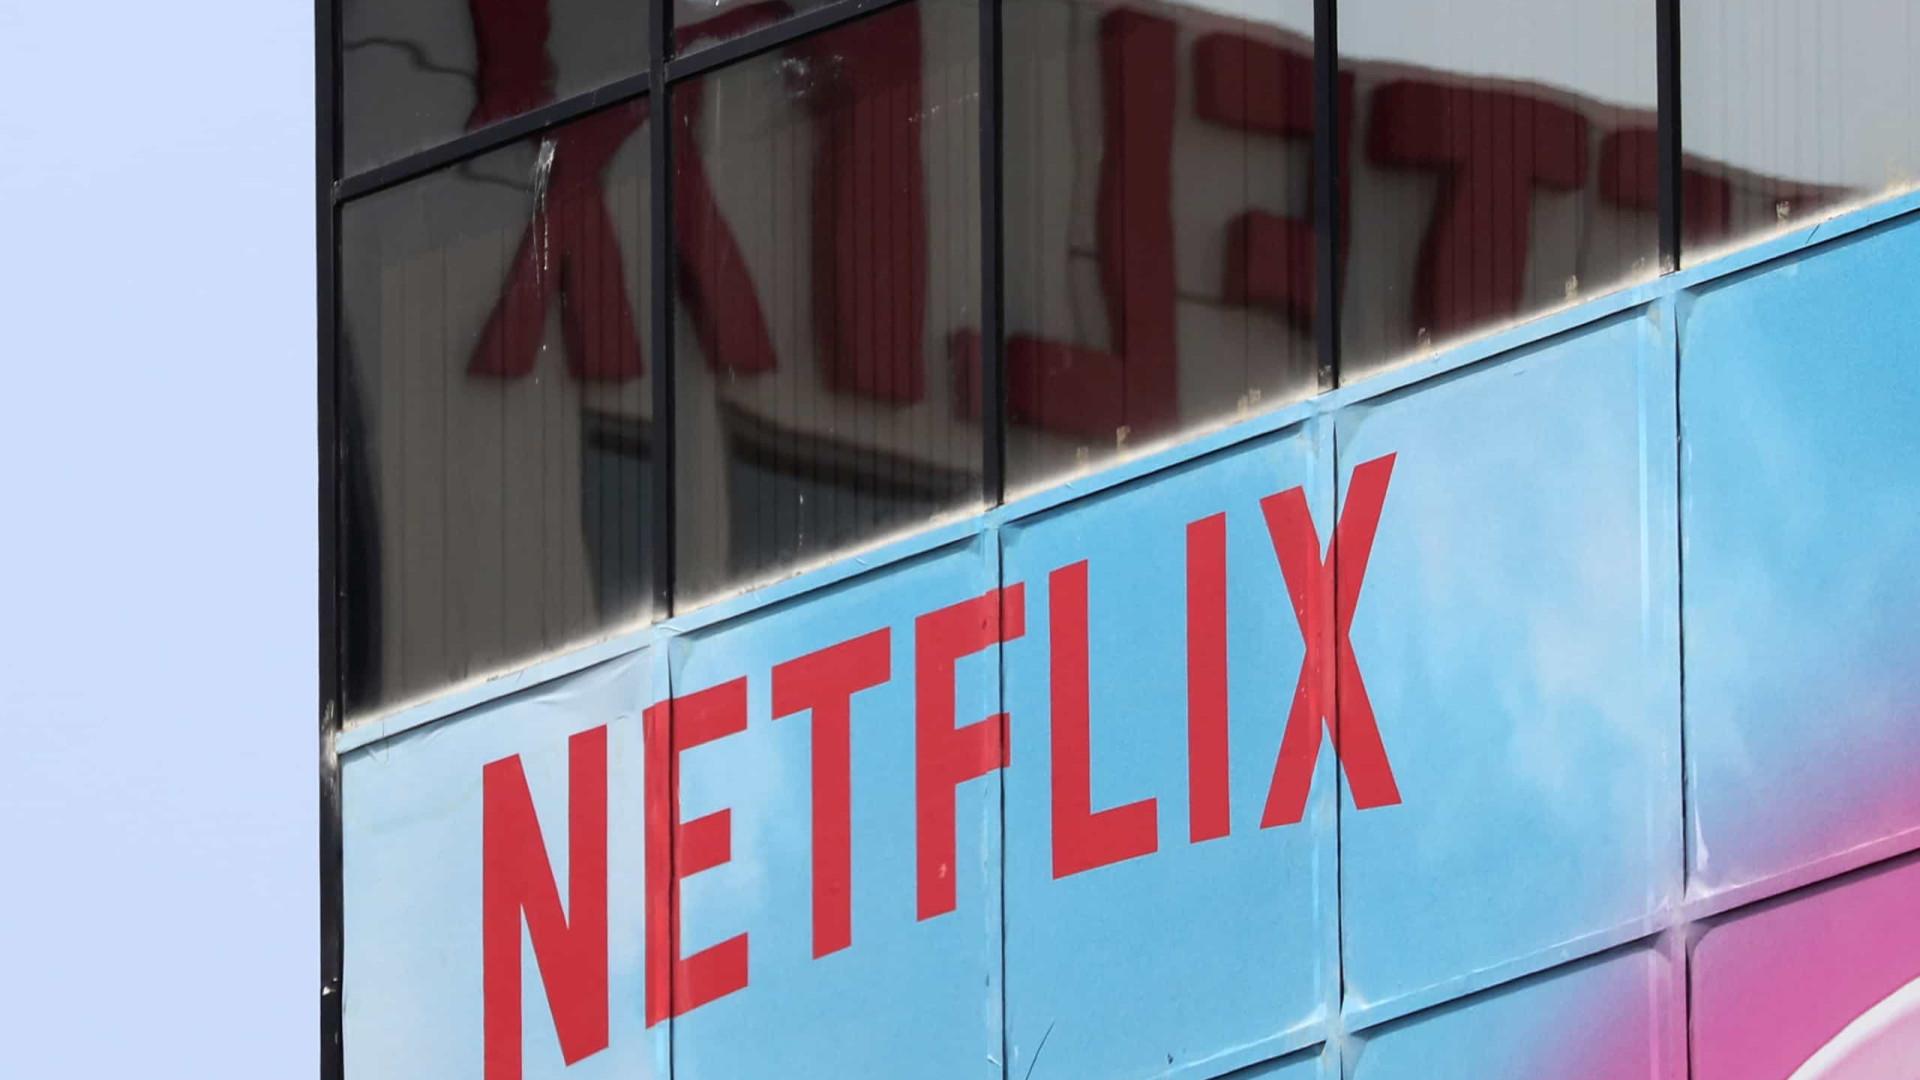 Netflix admite repor qualidade de streaming